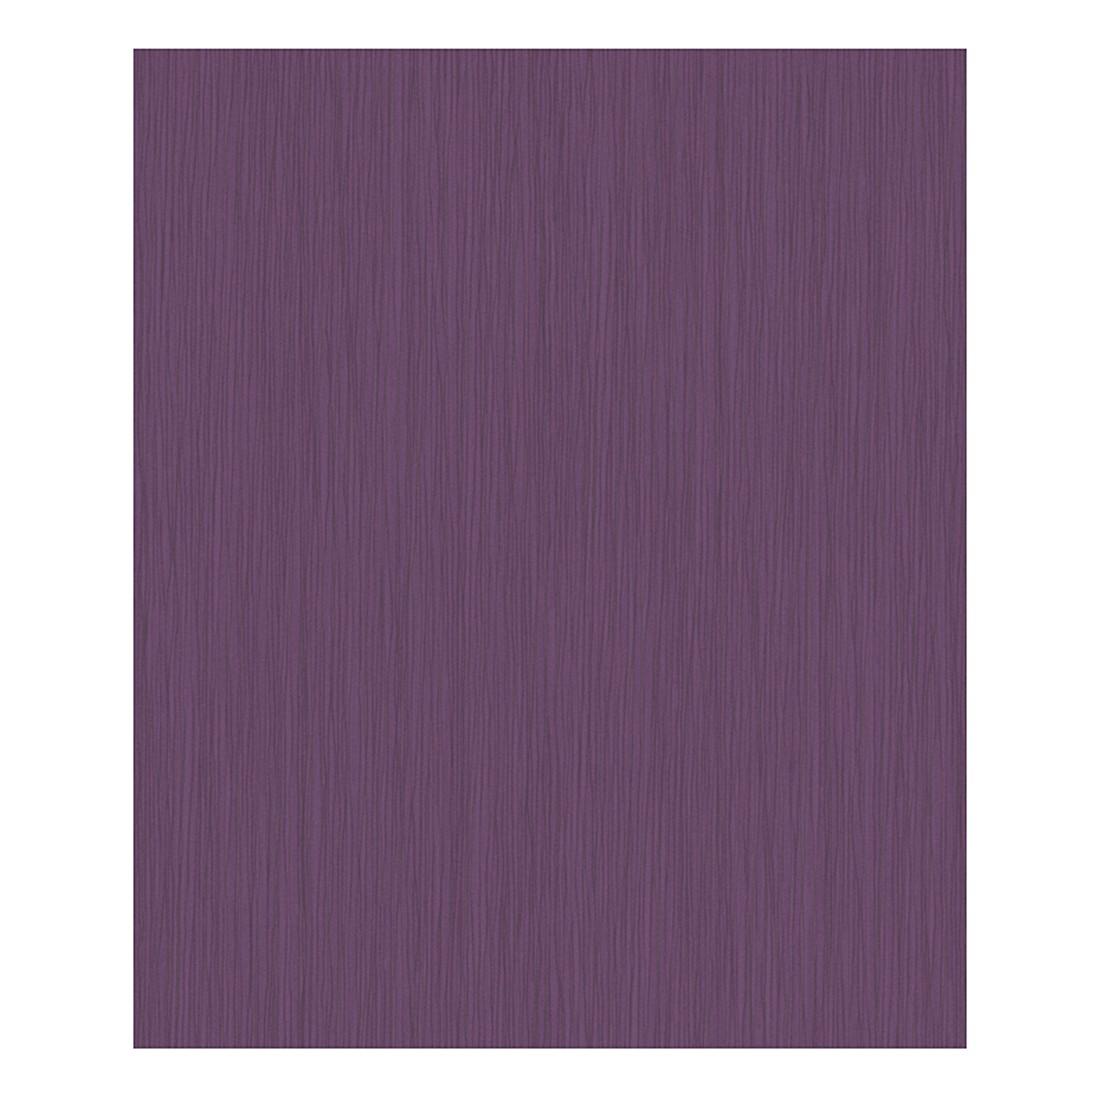 Tapete Daniel Hechter – violett – fein strukturiert, Daniel Hechter kaufen